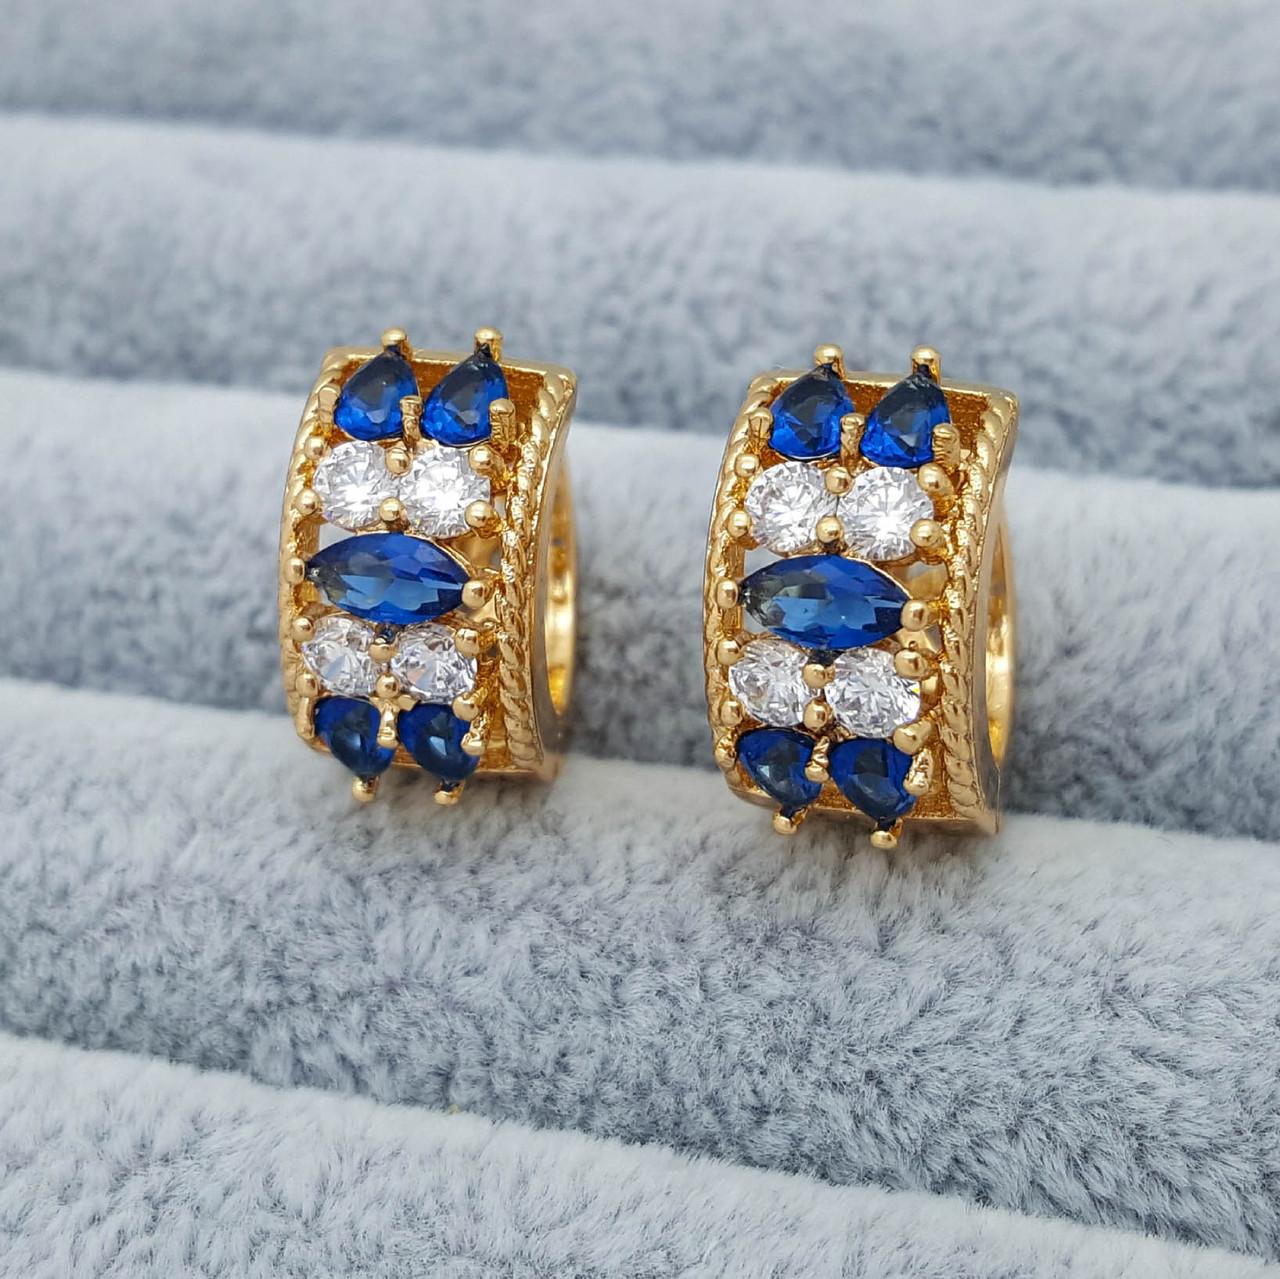 Сережки позолота Xuping, Класика з біло-синім цирконієм, 18К